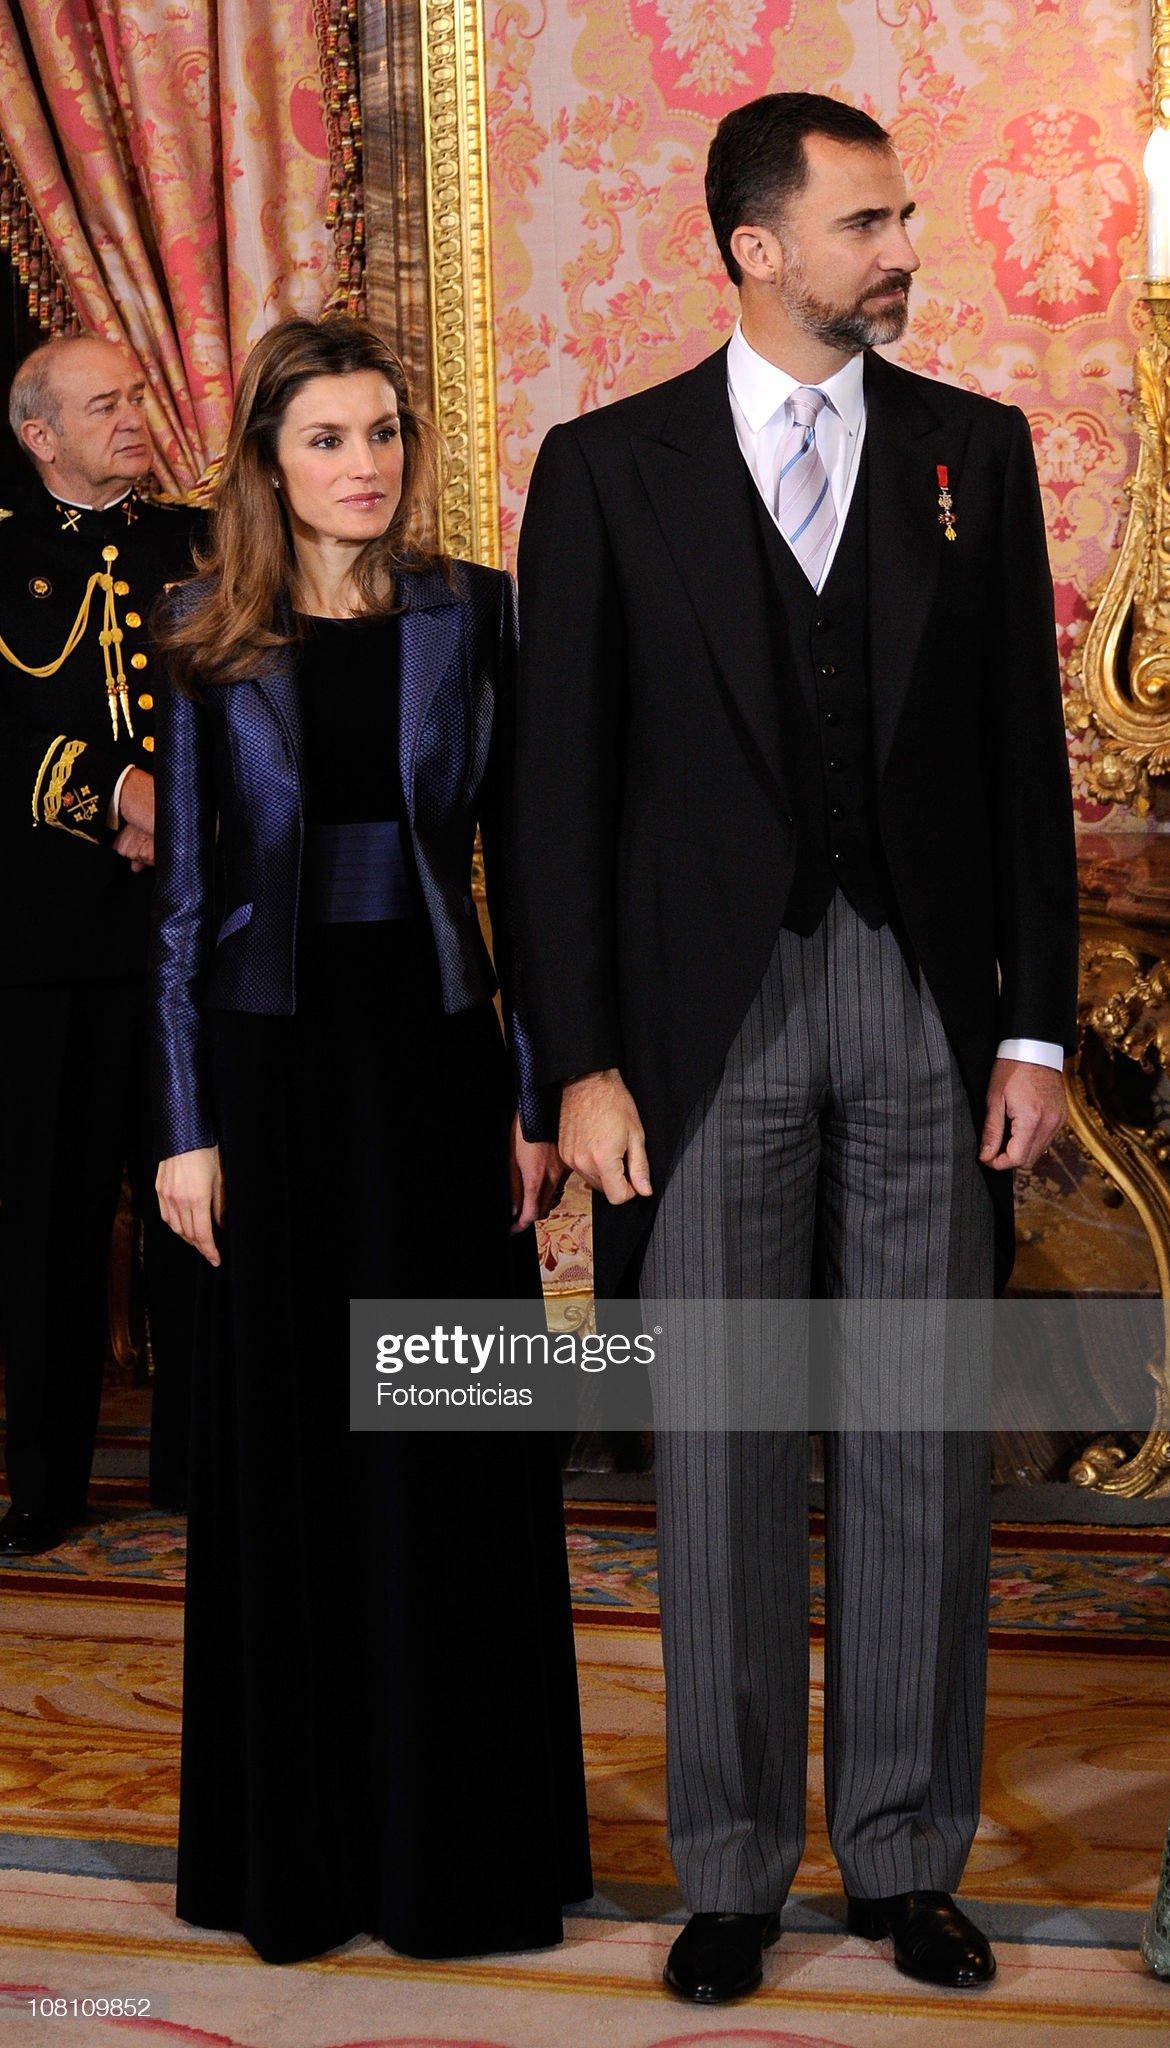 Вечерние наряды Королевы Летиции Spanish Royals Receive Foreign Ambassadors : News Photo